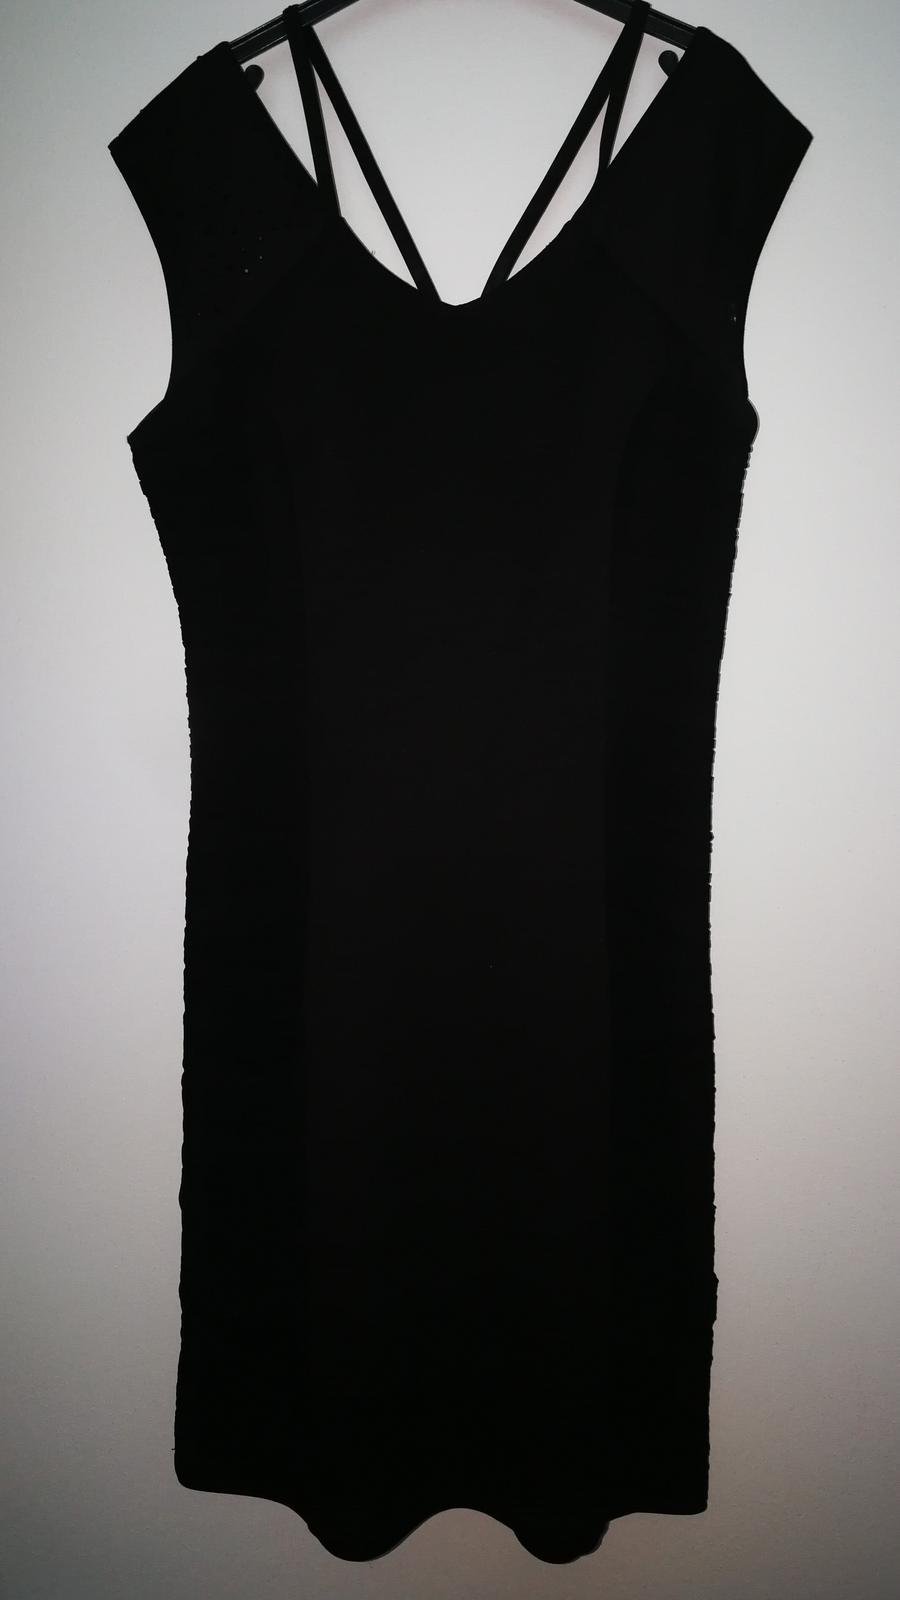 dámské šaty - Obrázek č. 1